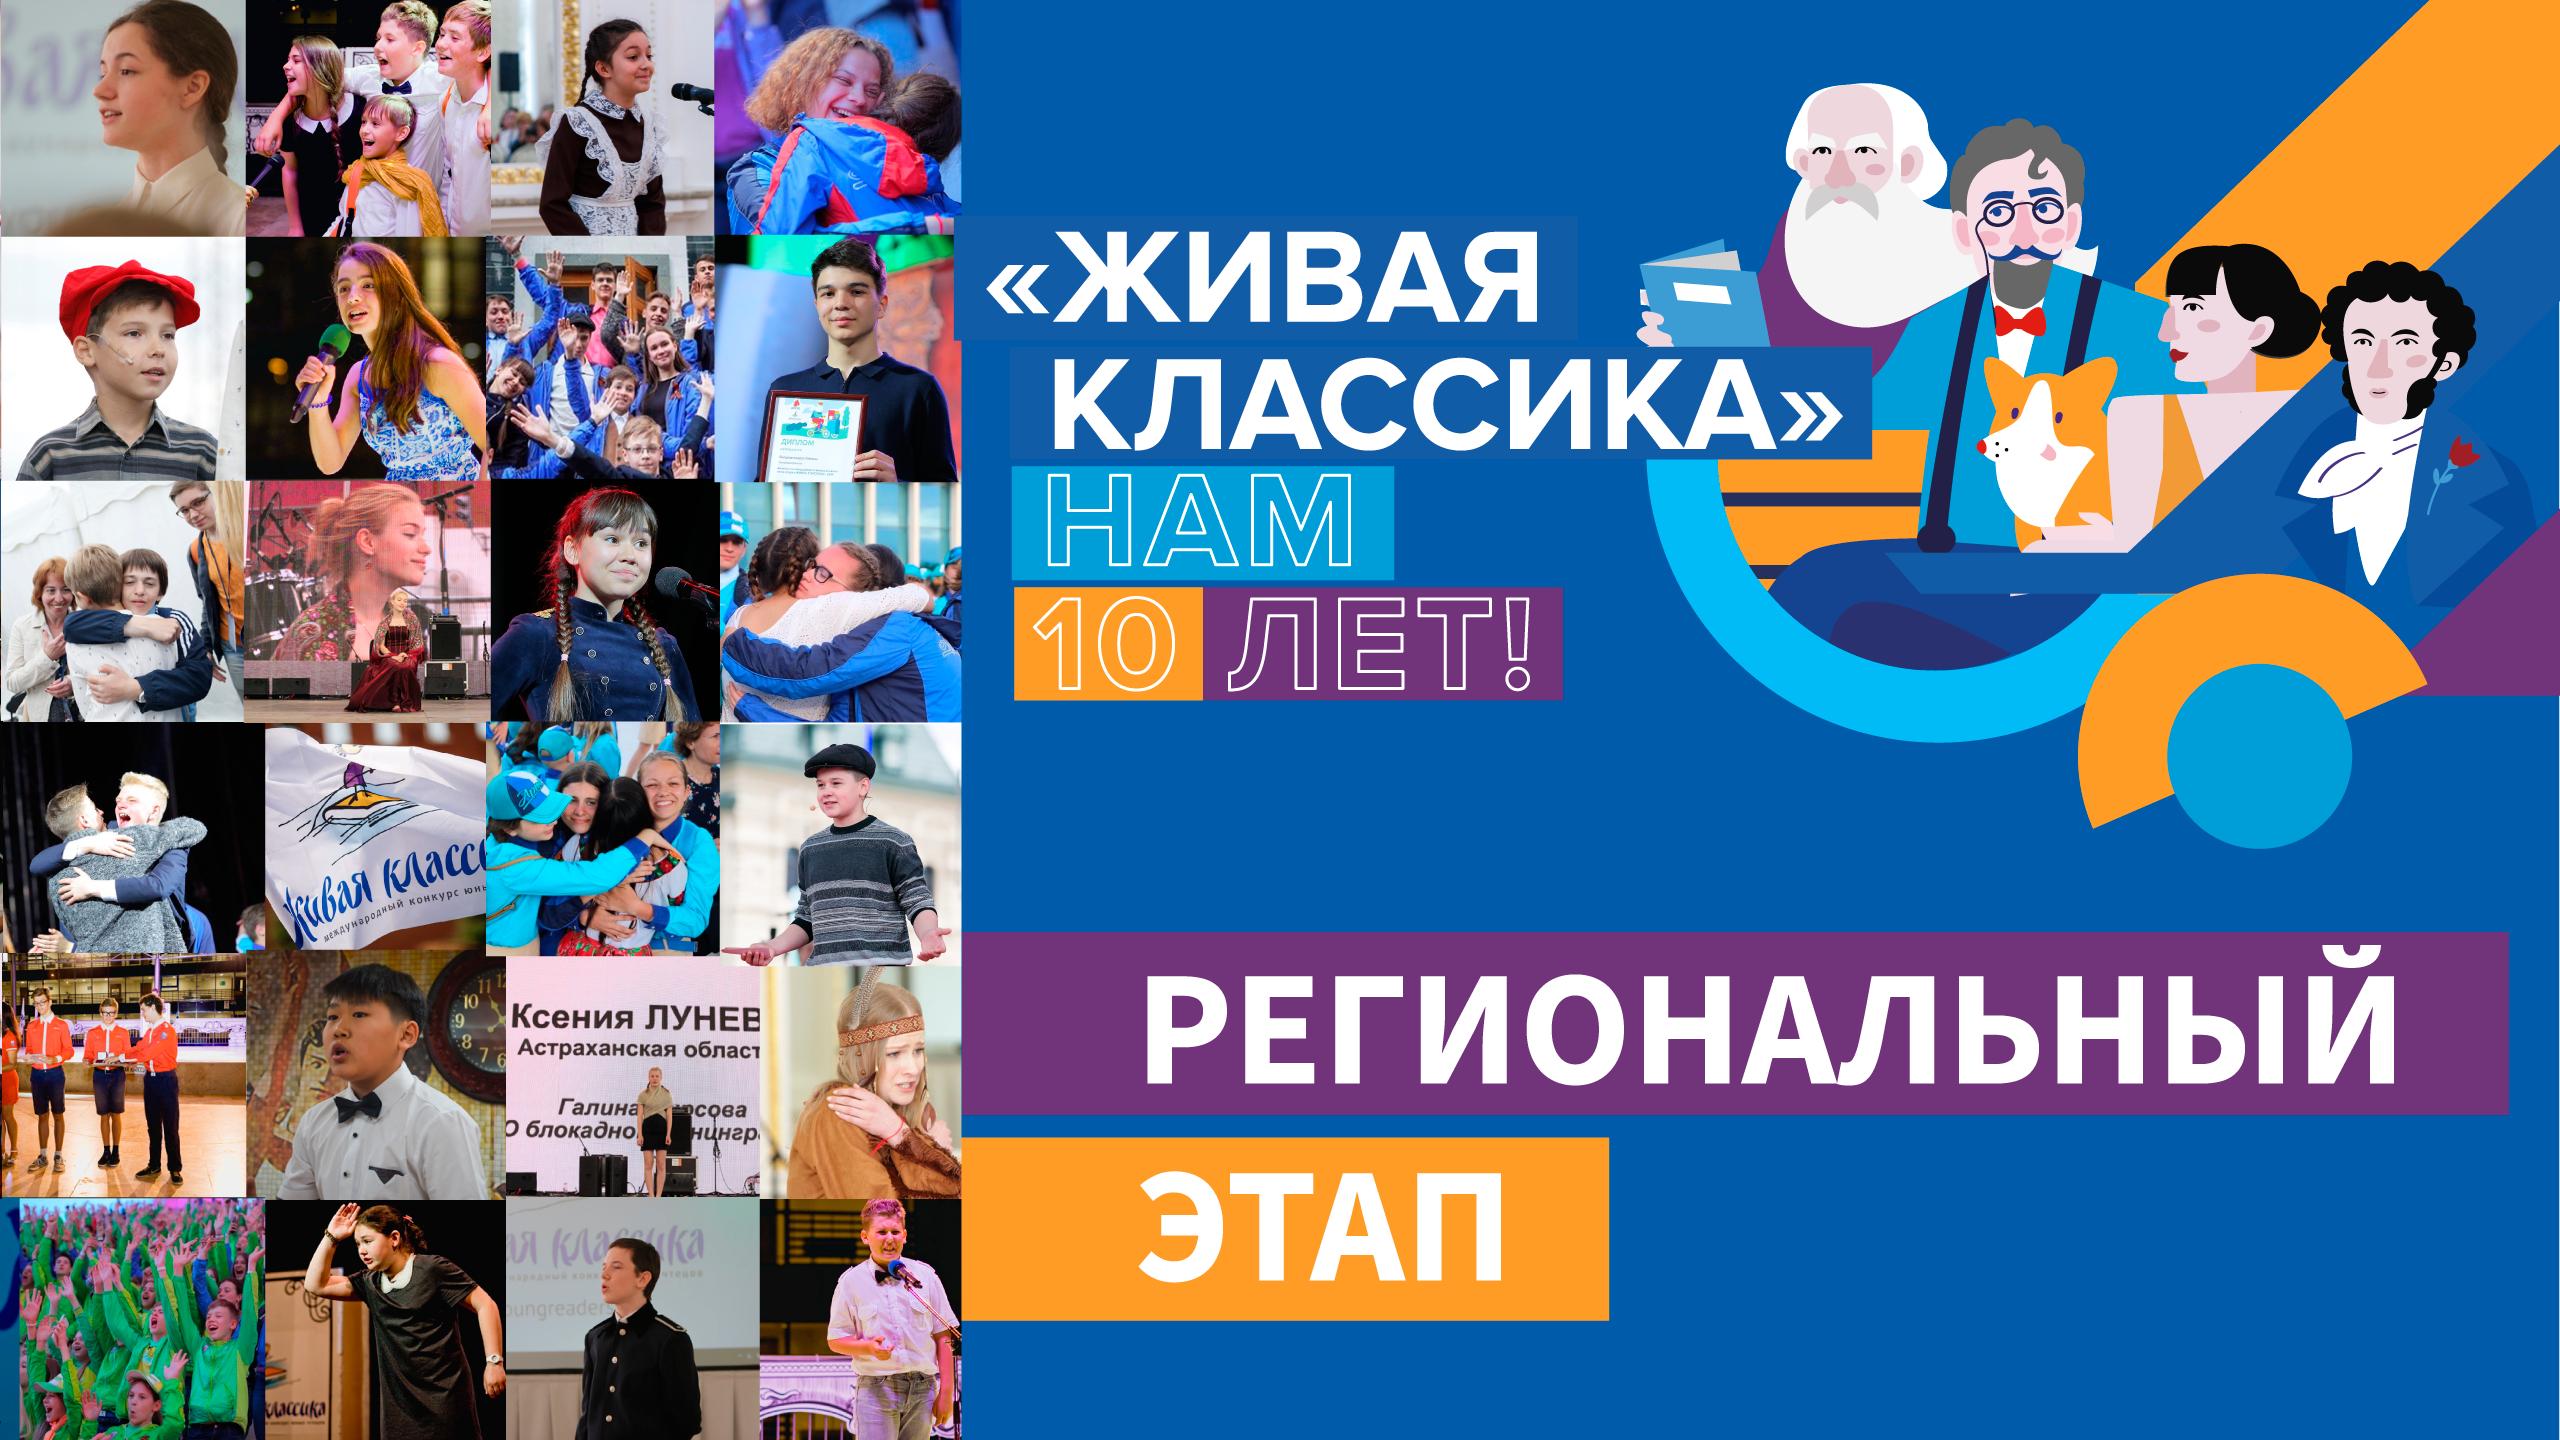 ЧЕЧНЯ. В ЧР пройдет региональный этап конкурса юных чтецов «Живая классика»